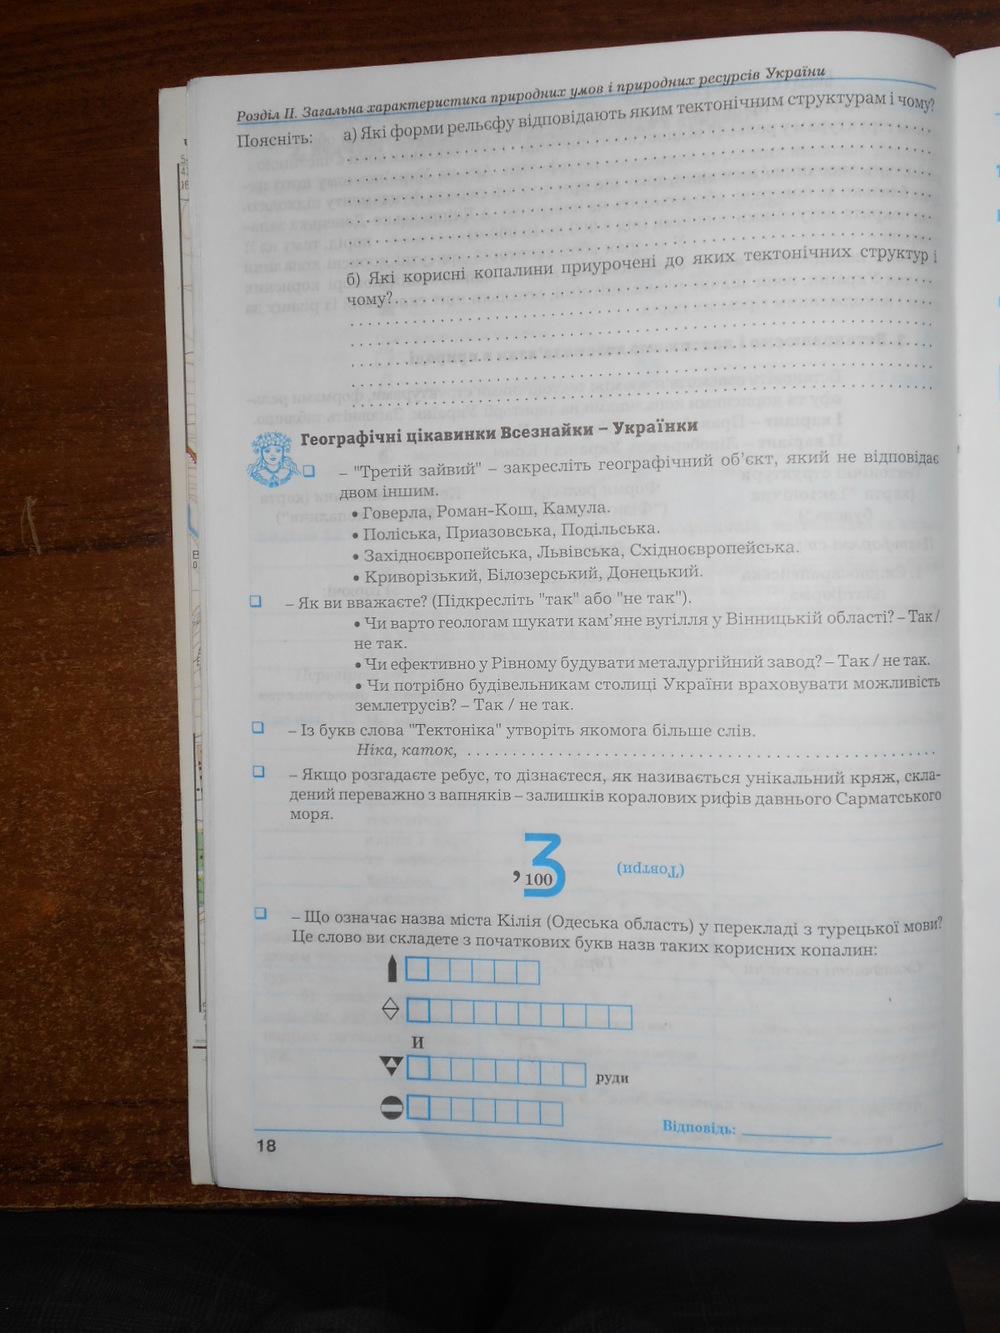 ГДЗ відповіді робочий зошит по географии 8 класс Думанська Г.В., Назаренко Т.Г.. Задание: стр. 18